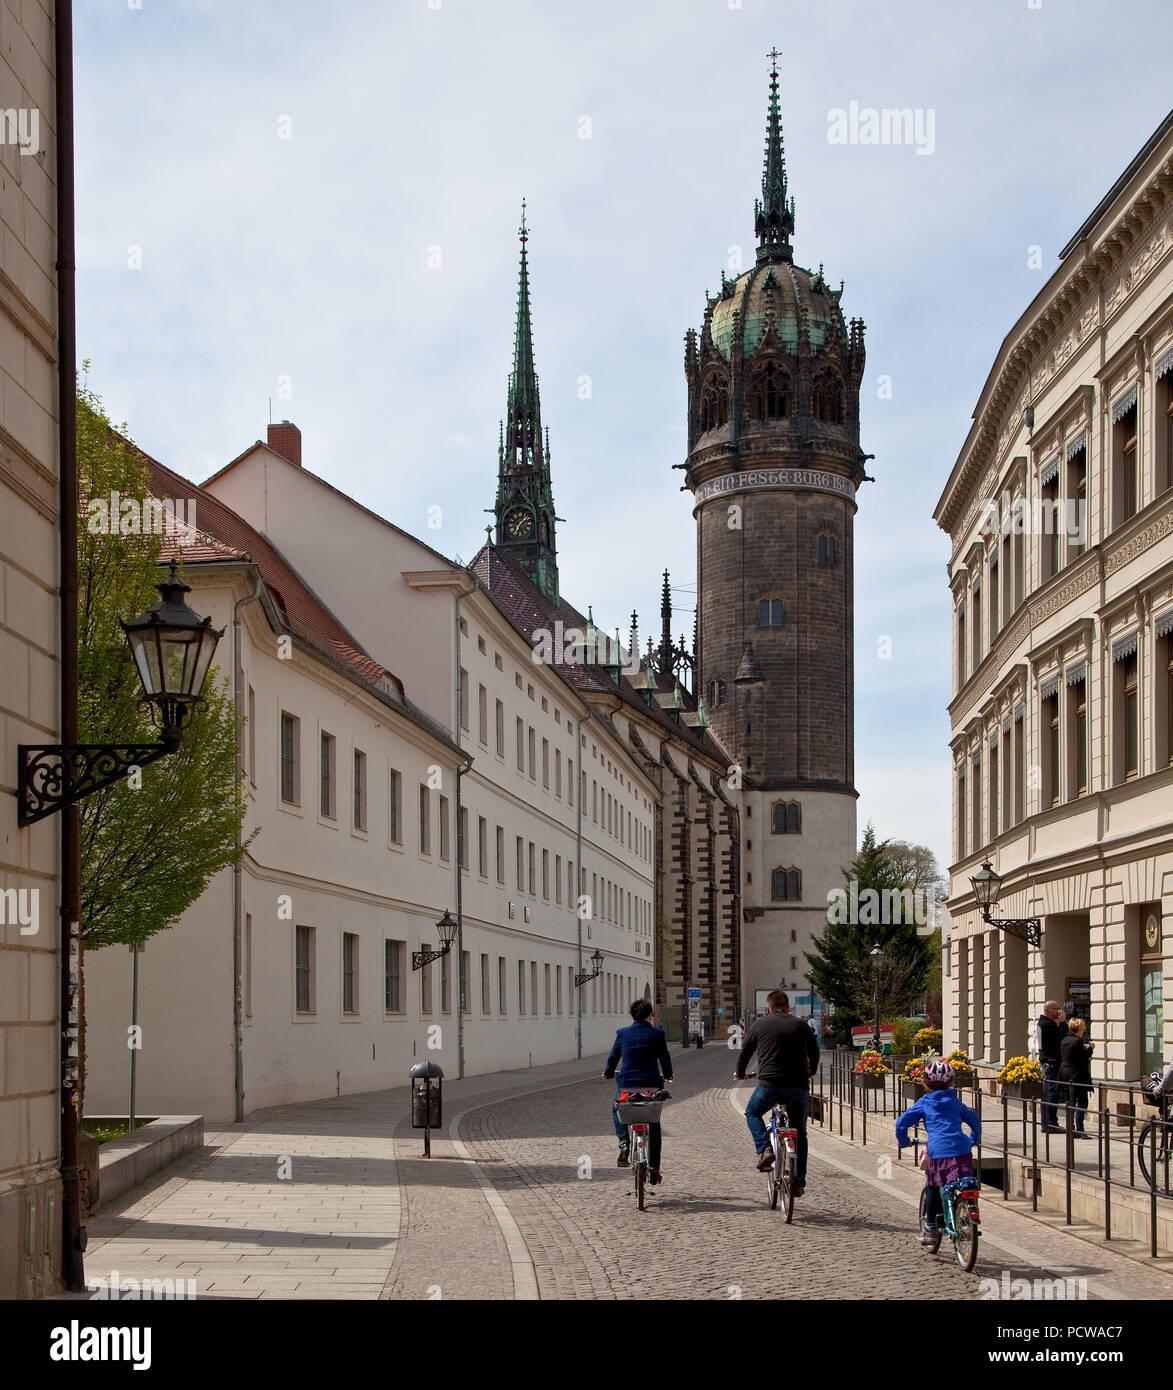 Schloßkirche um 1500 erbaut, später mehrfach verändert, Turm 1883-92 von Friedrich Adler, vorn links Amtshaus - Stock Image